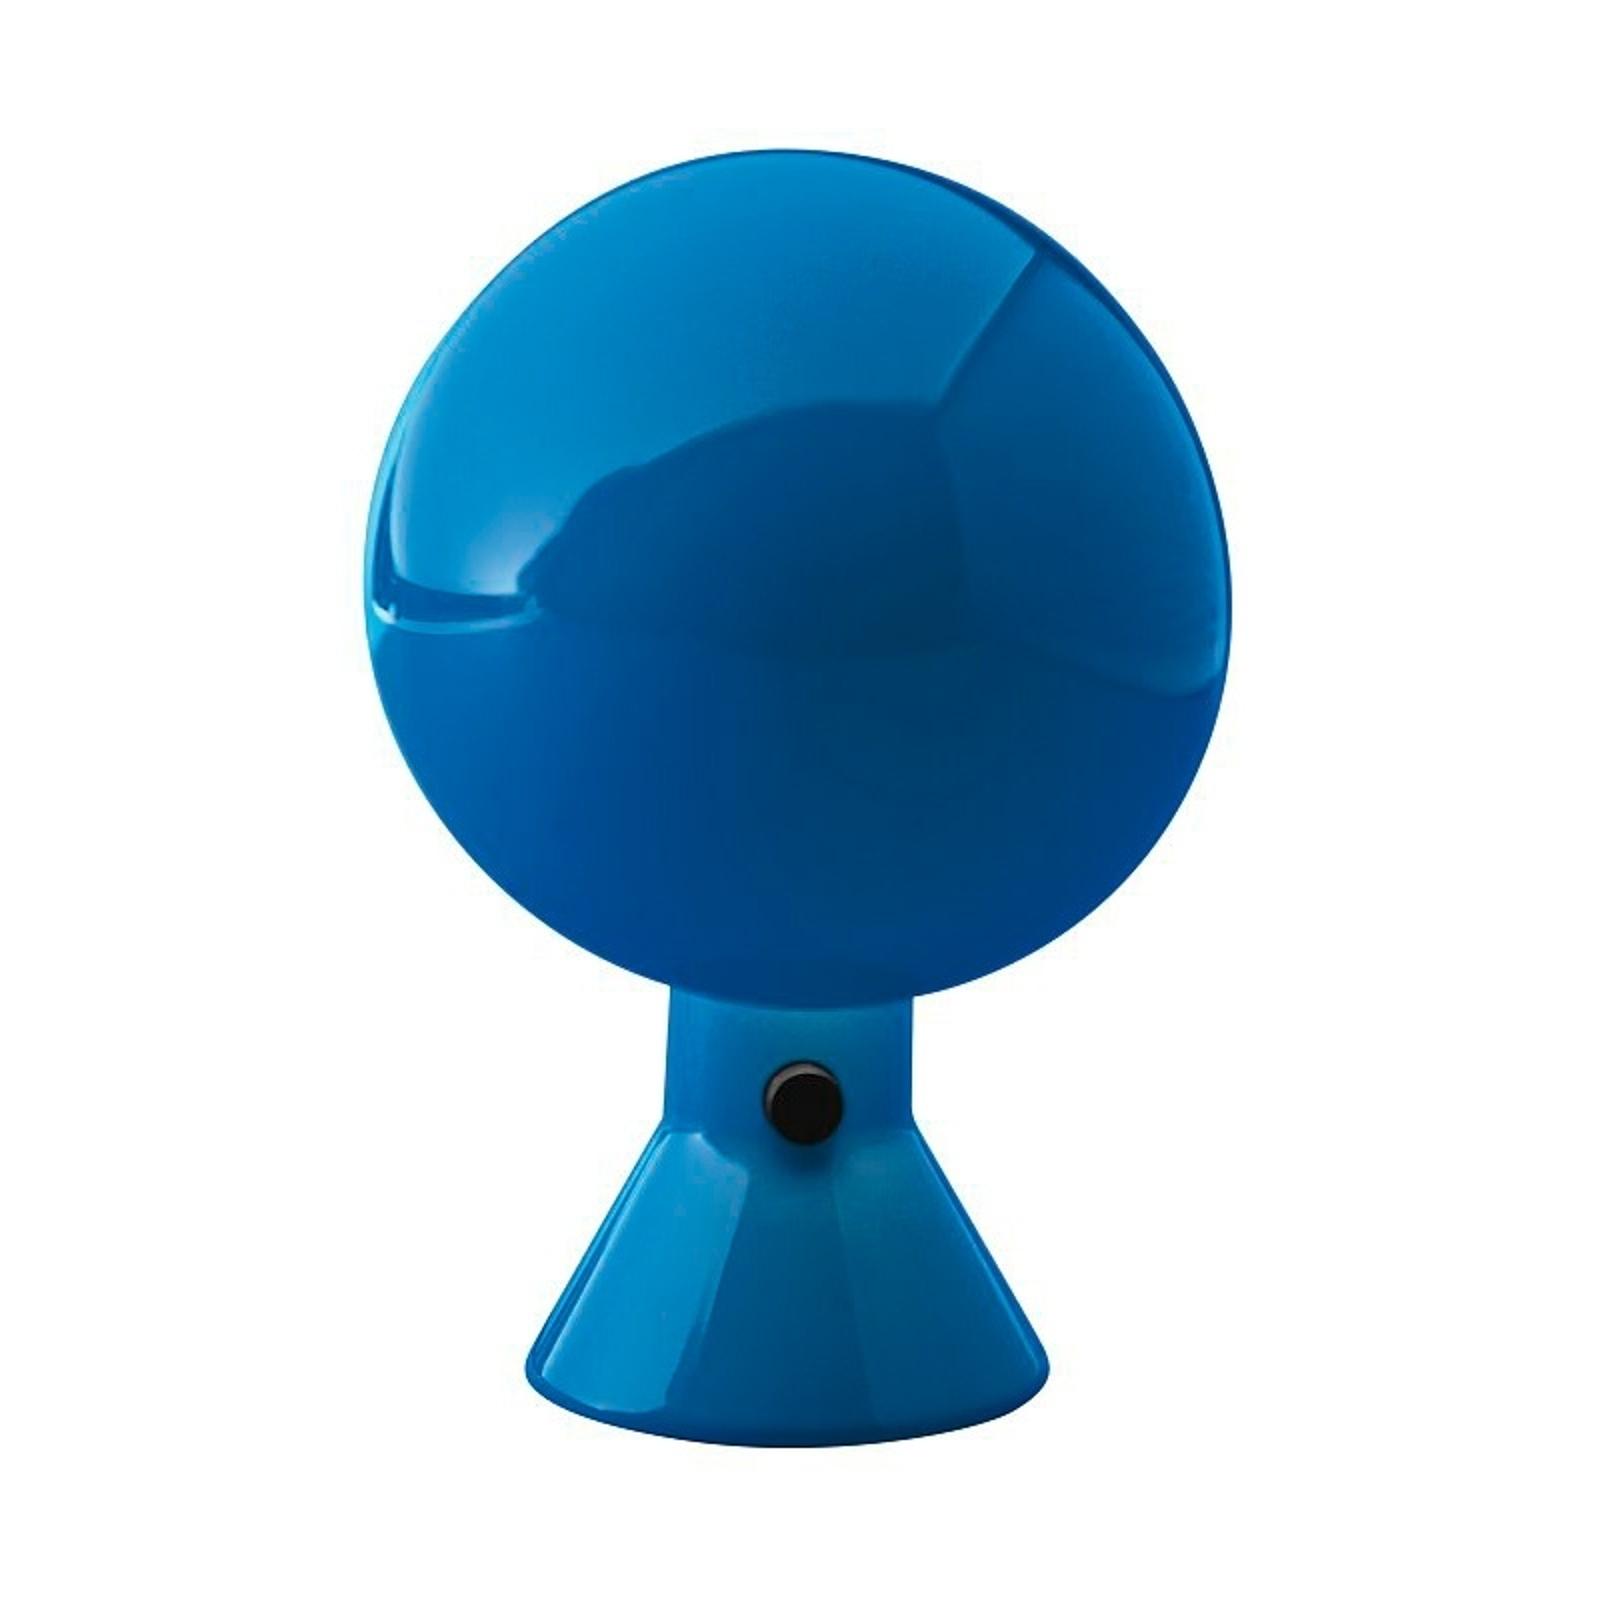 Martinelli Luce Elmetto - Tischleuchte, blau